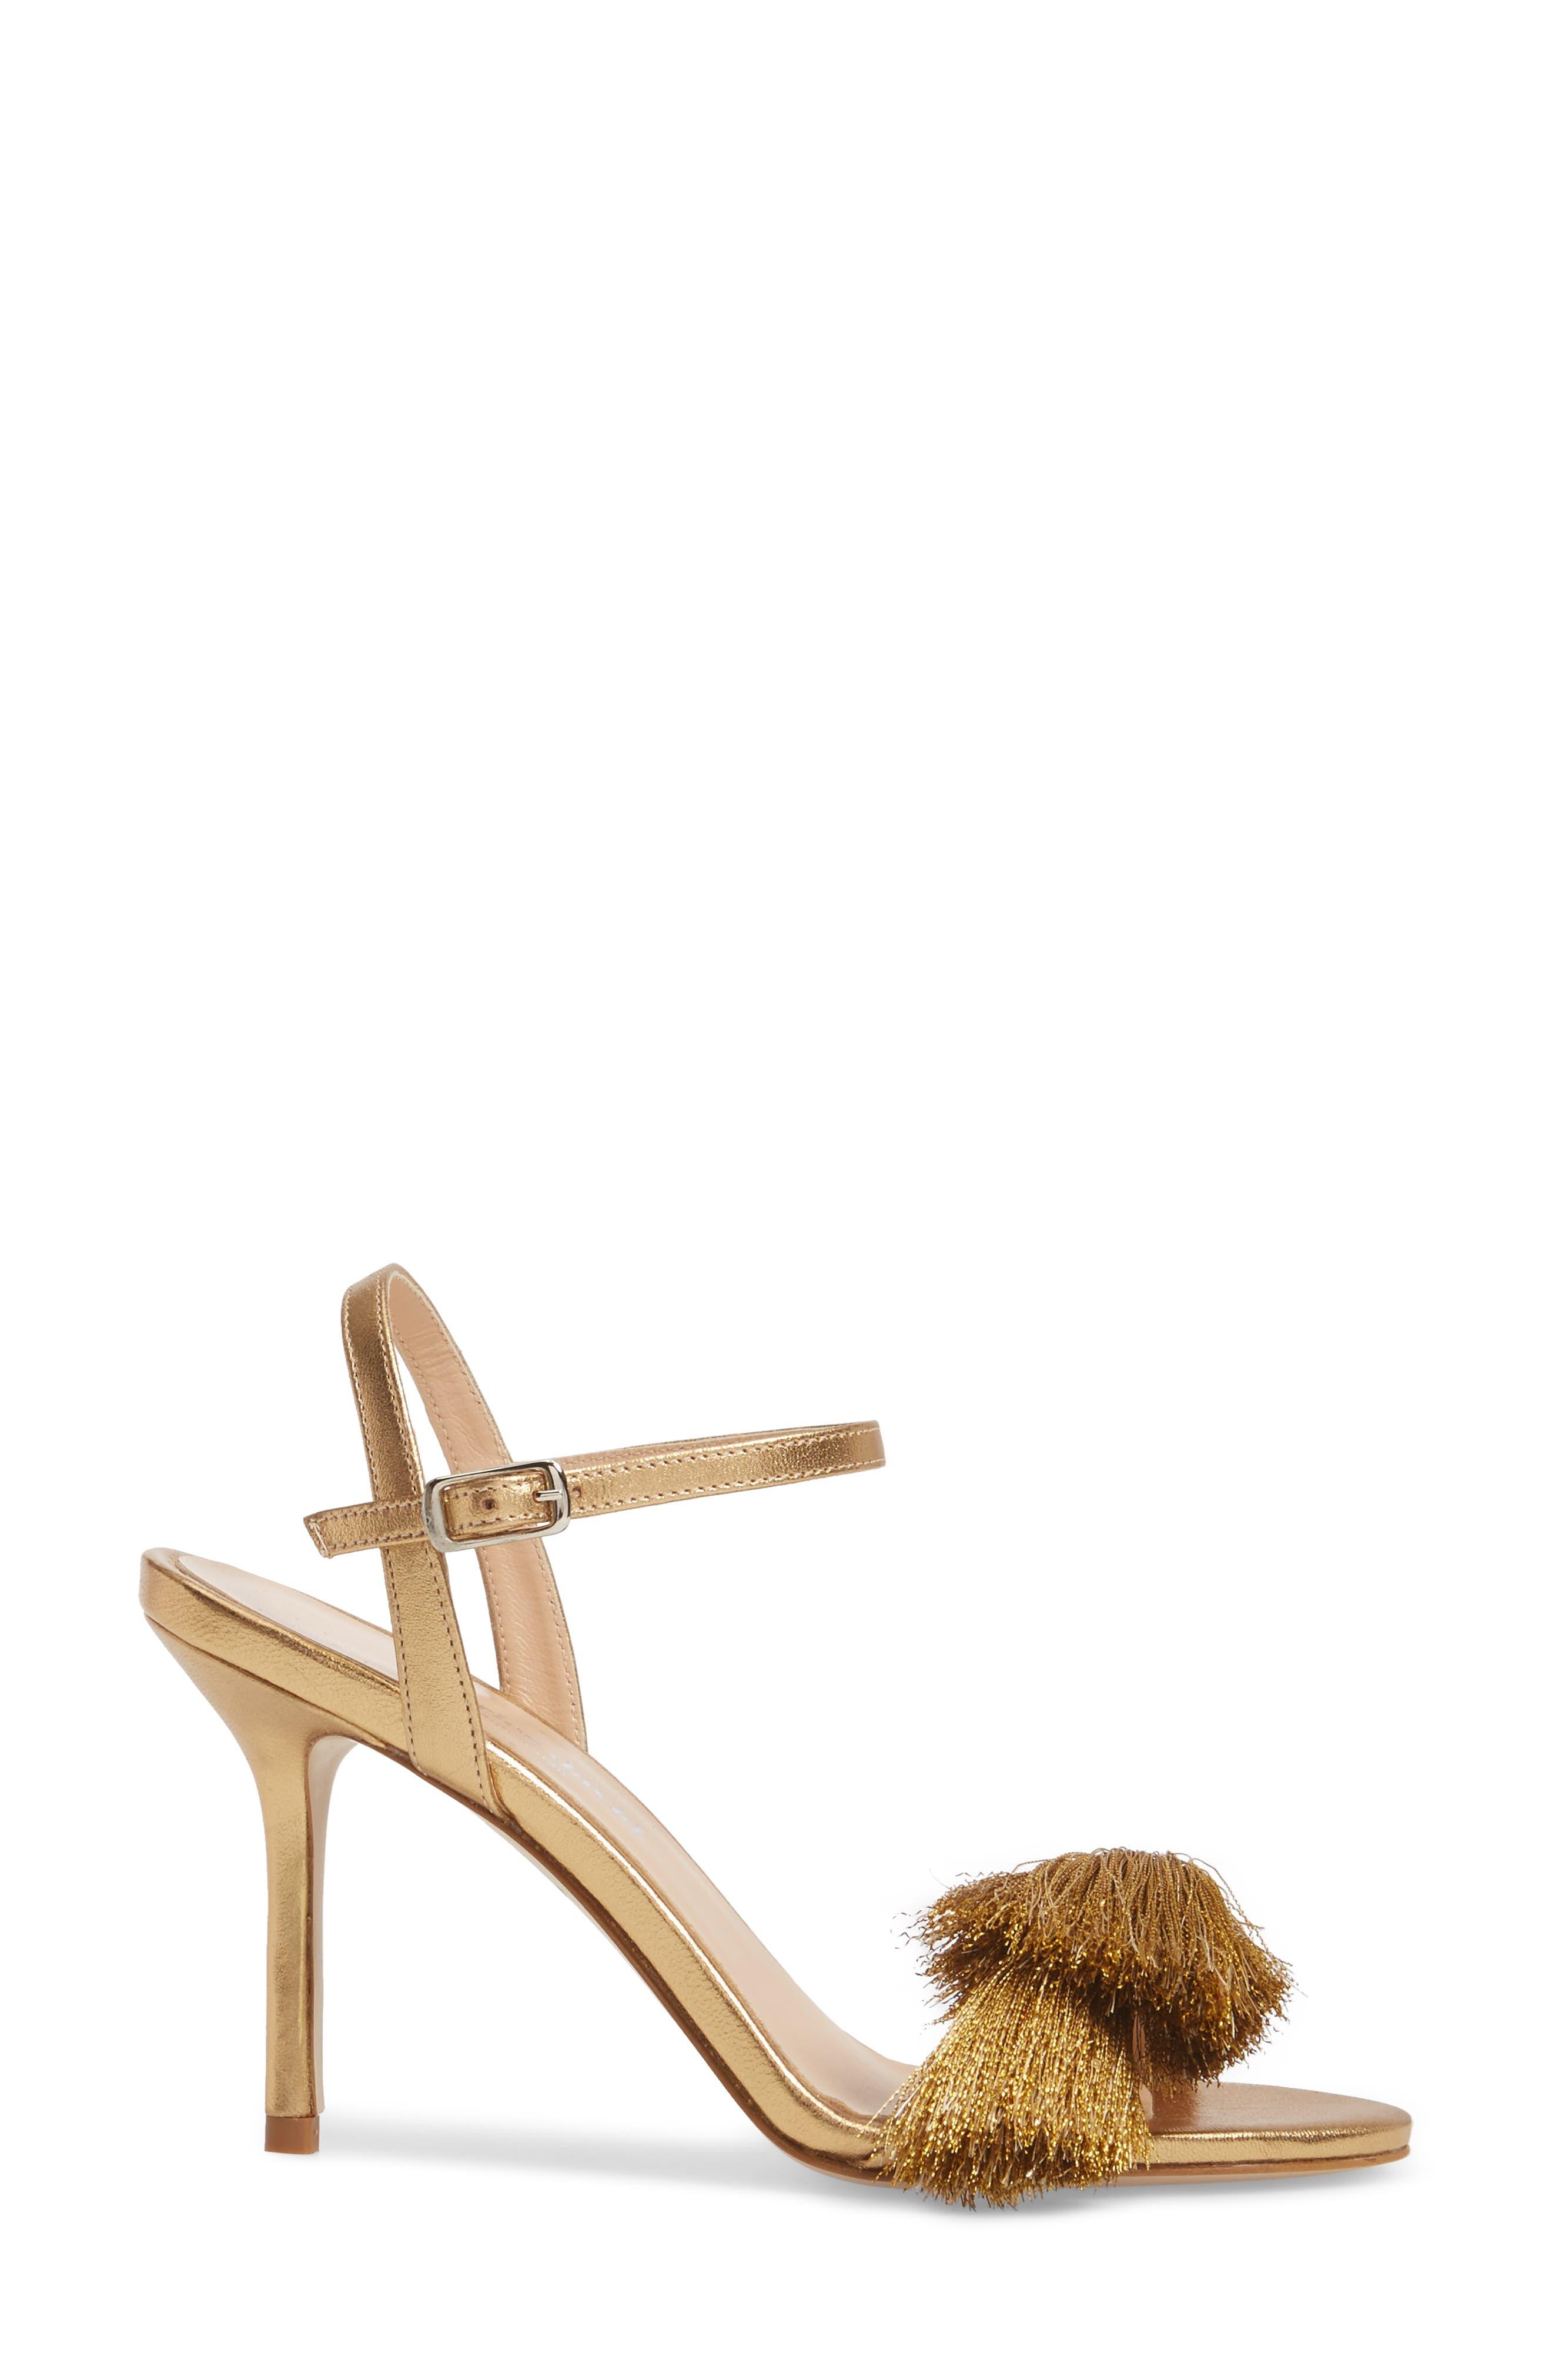 Sassy Tassel Sandal,                             Alternate thumbnail 3, color,                             Gold Leather